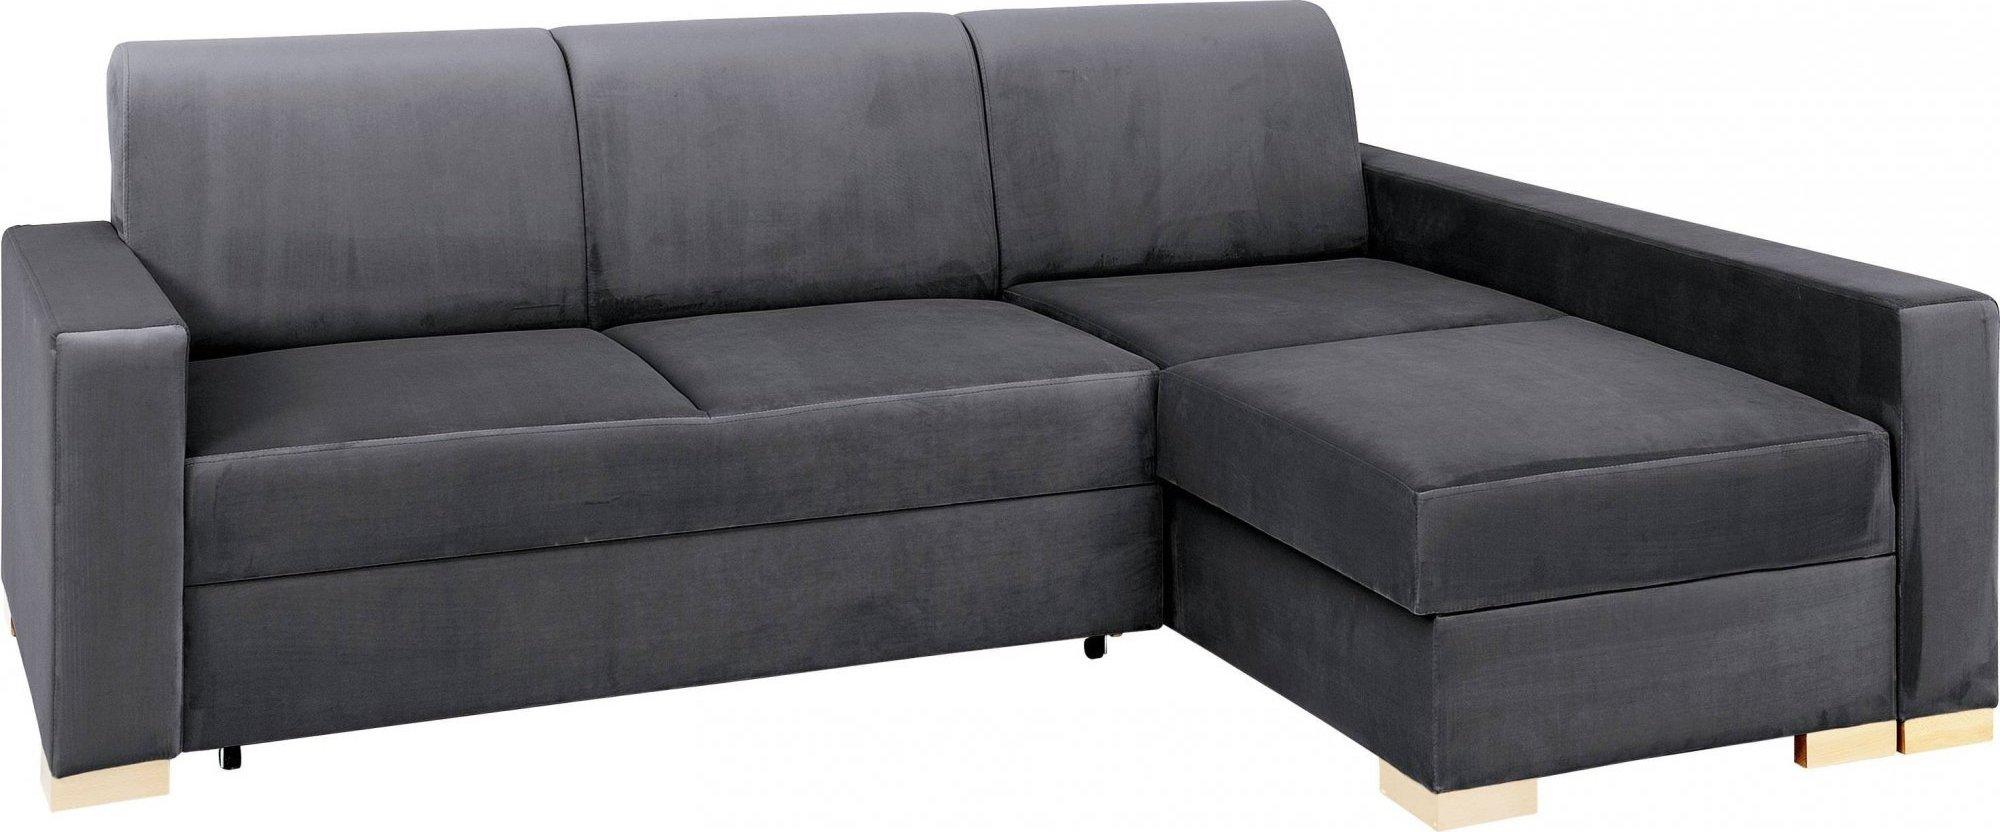 Canapé-lit d'angle droit 3 places gris h40cm